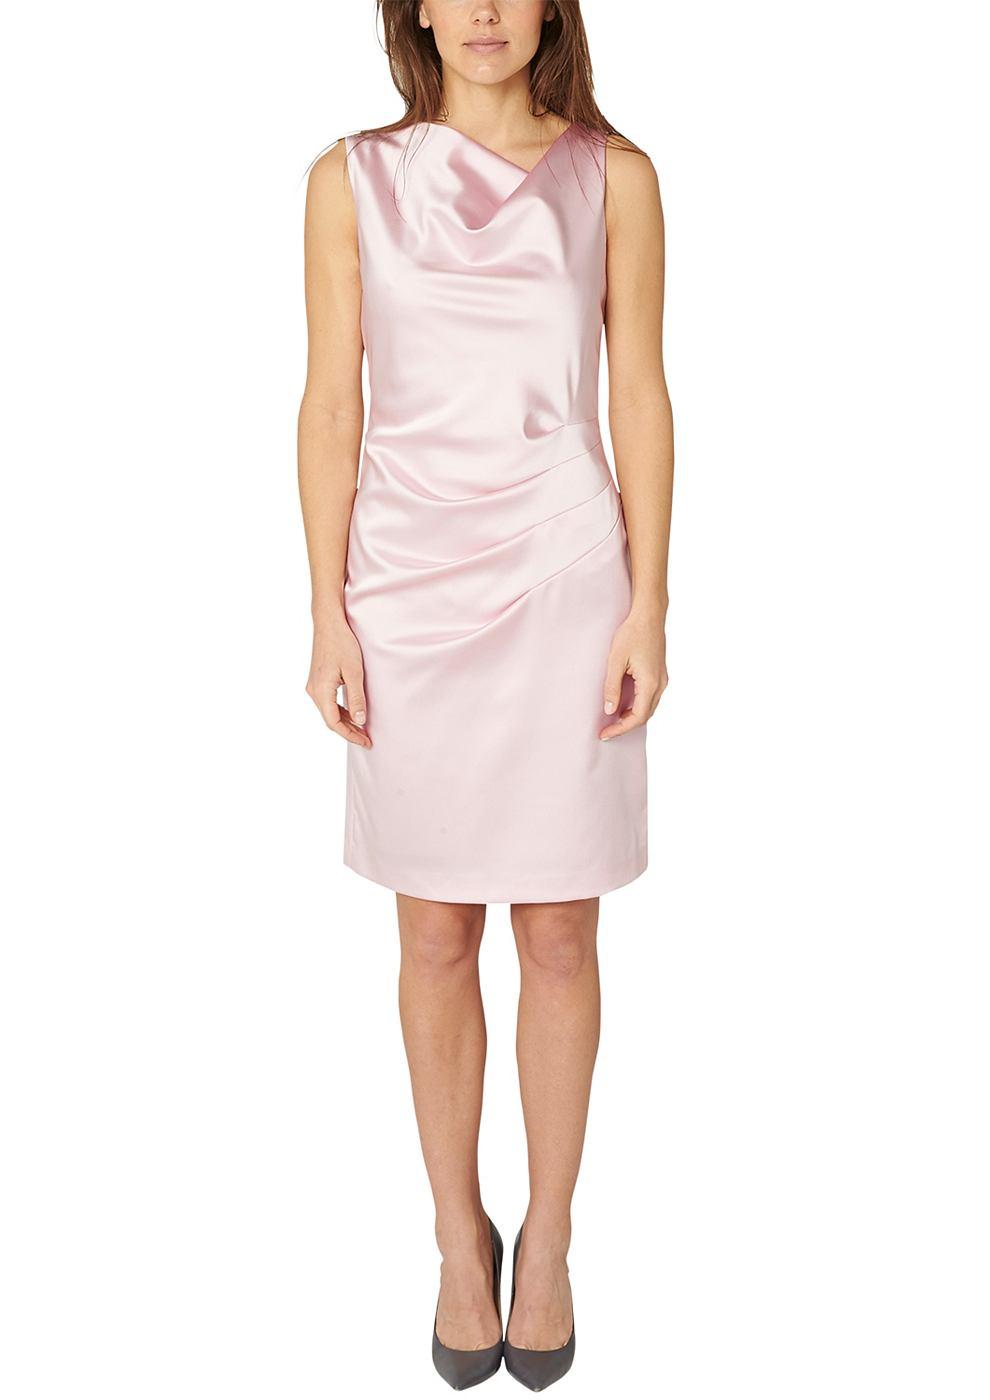 s.Oliver Premium satijnen jurk met draperie in de taille roze